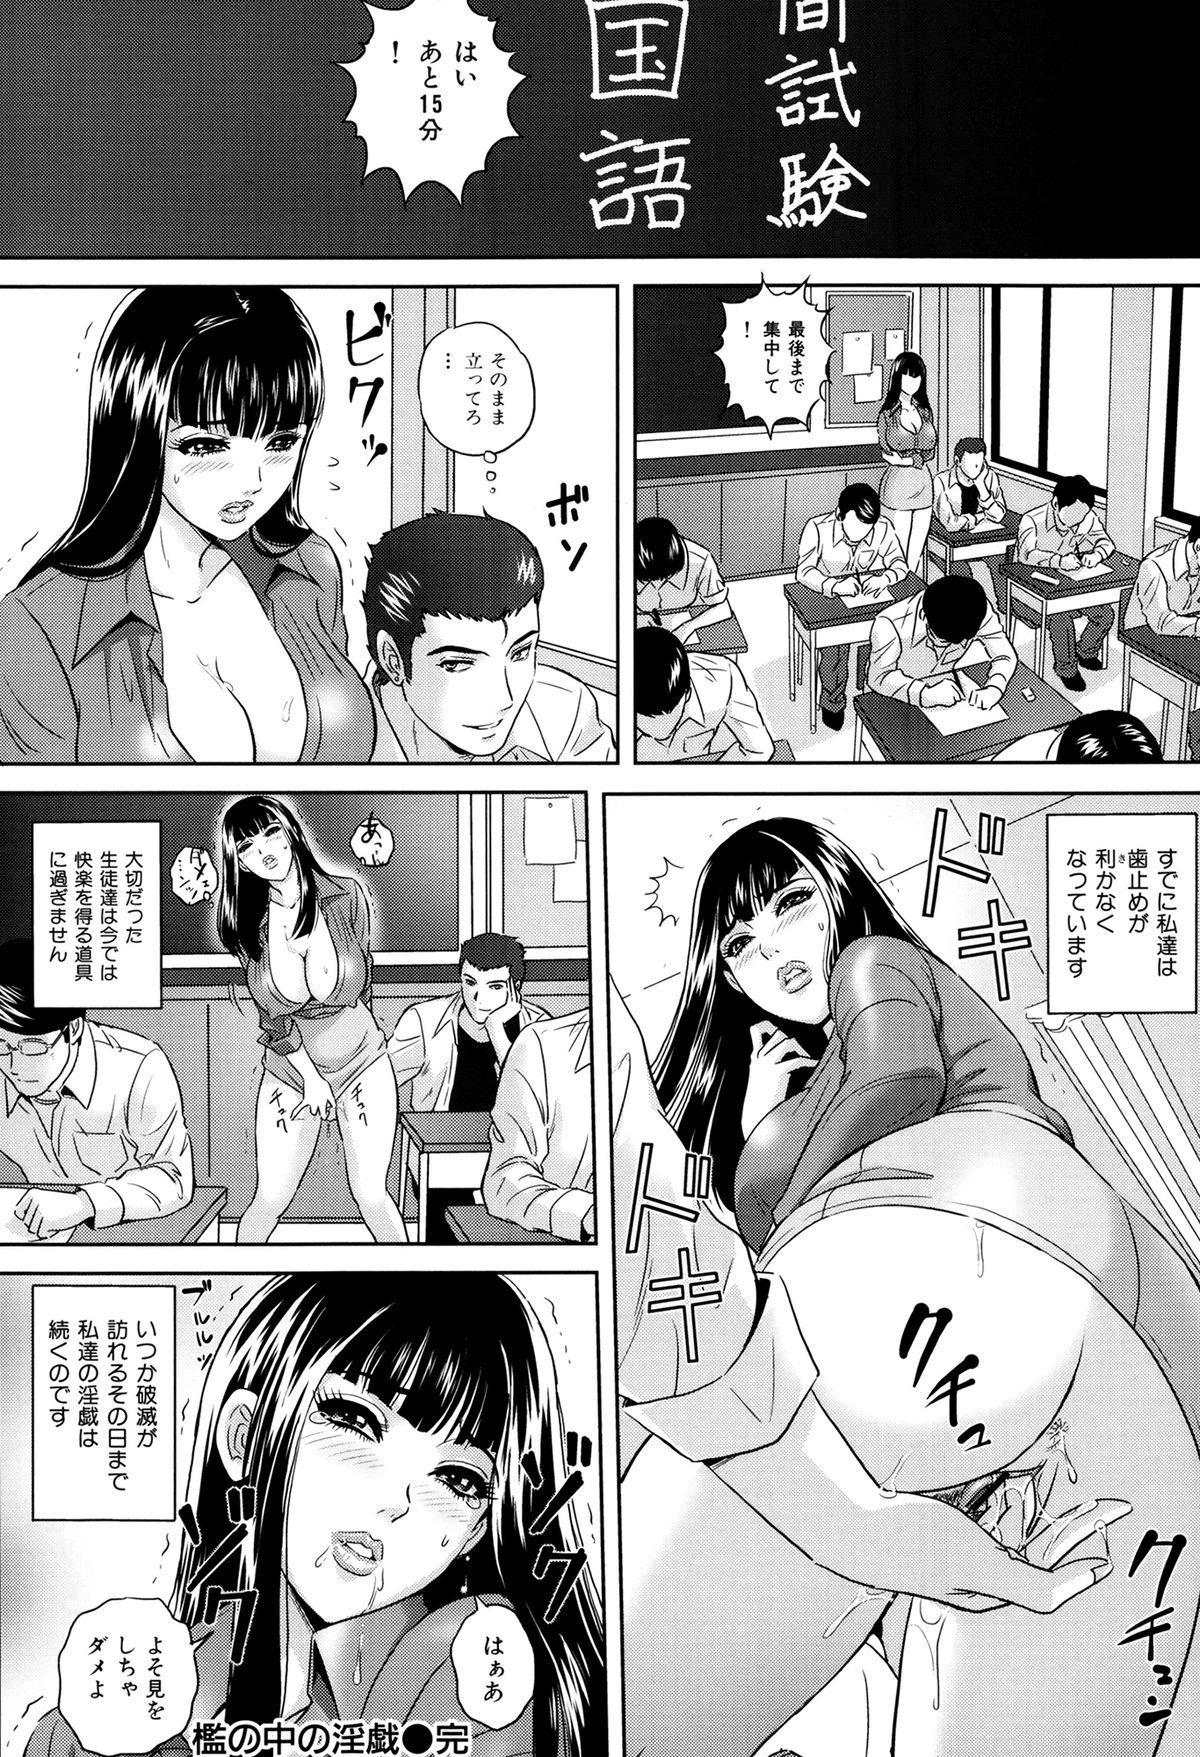 Ijimete Hoshiino 124